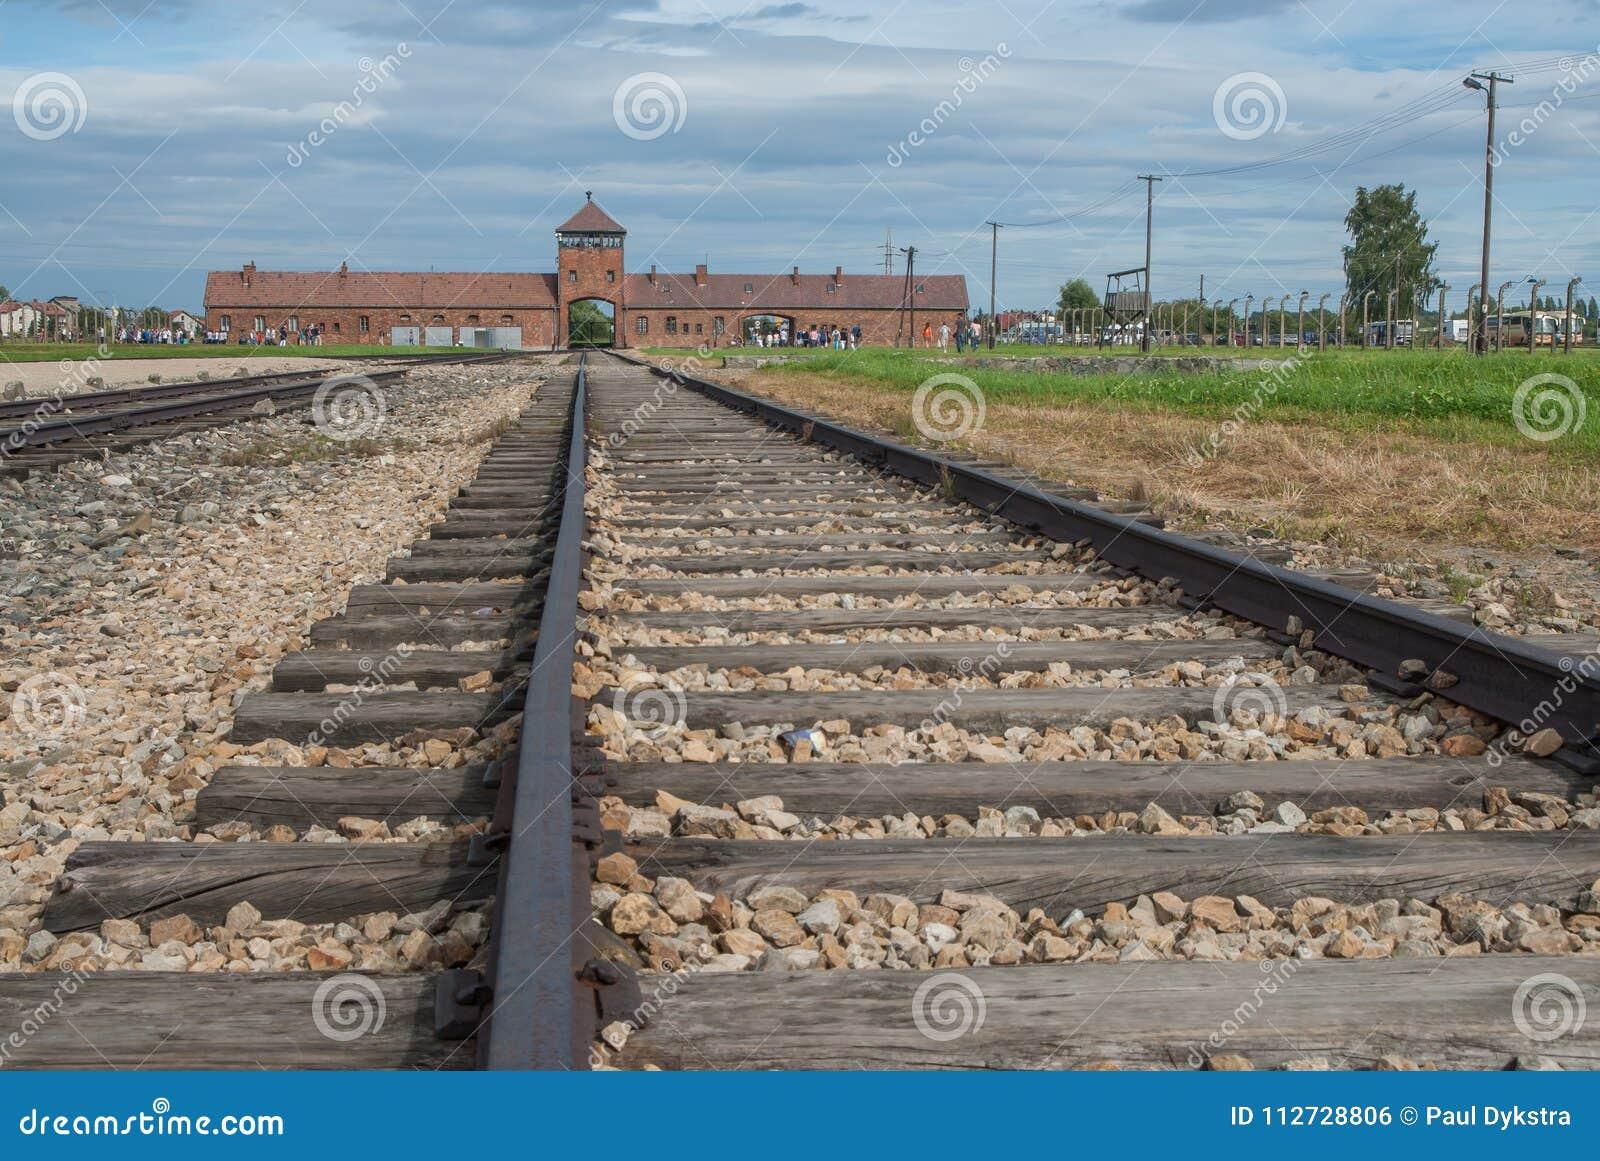 Auschwitz - Birkenau järnväg linje